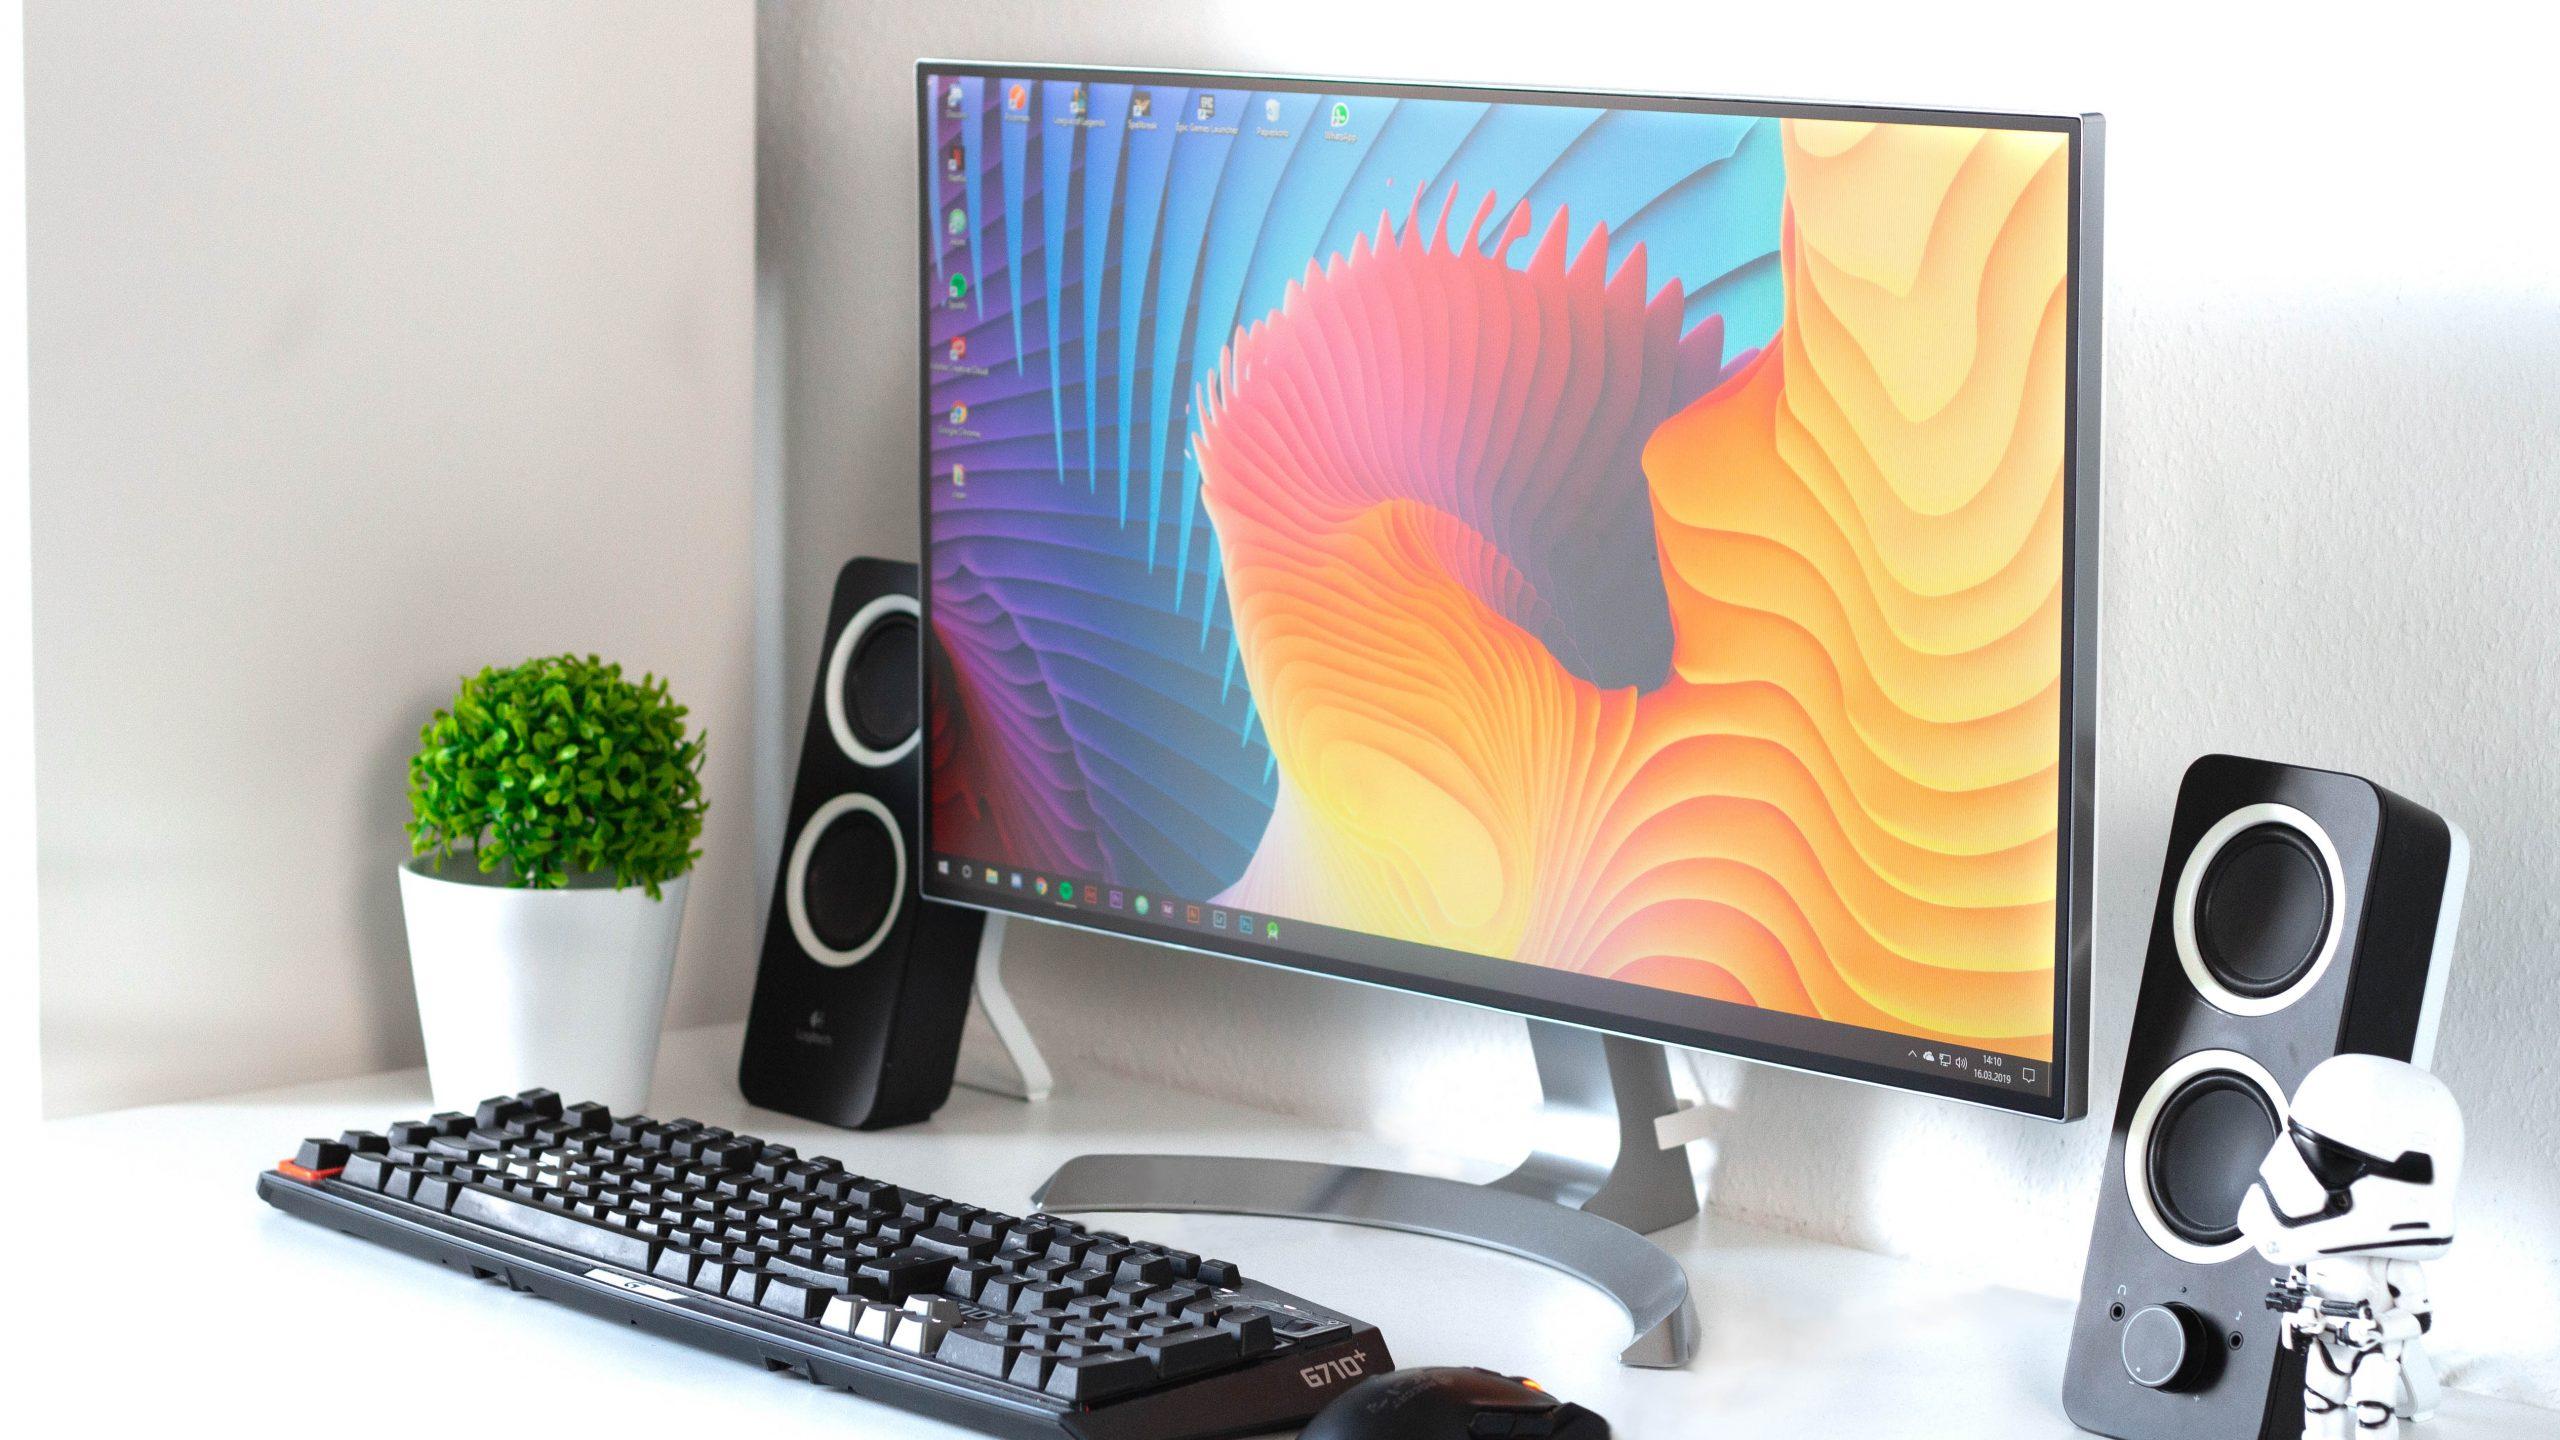 Computadoras de escritorio: ¿Cuál es la mejor del 2020?